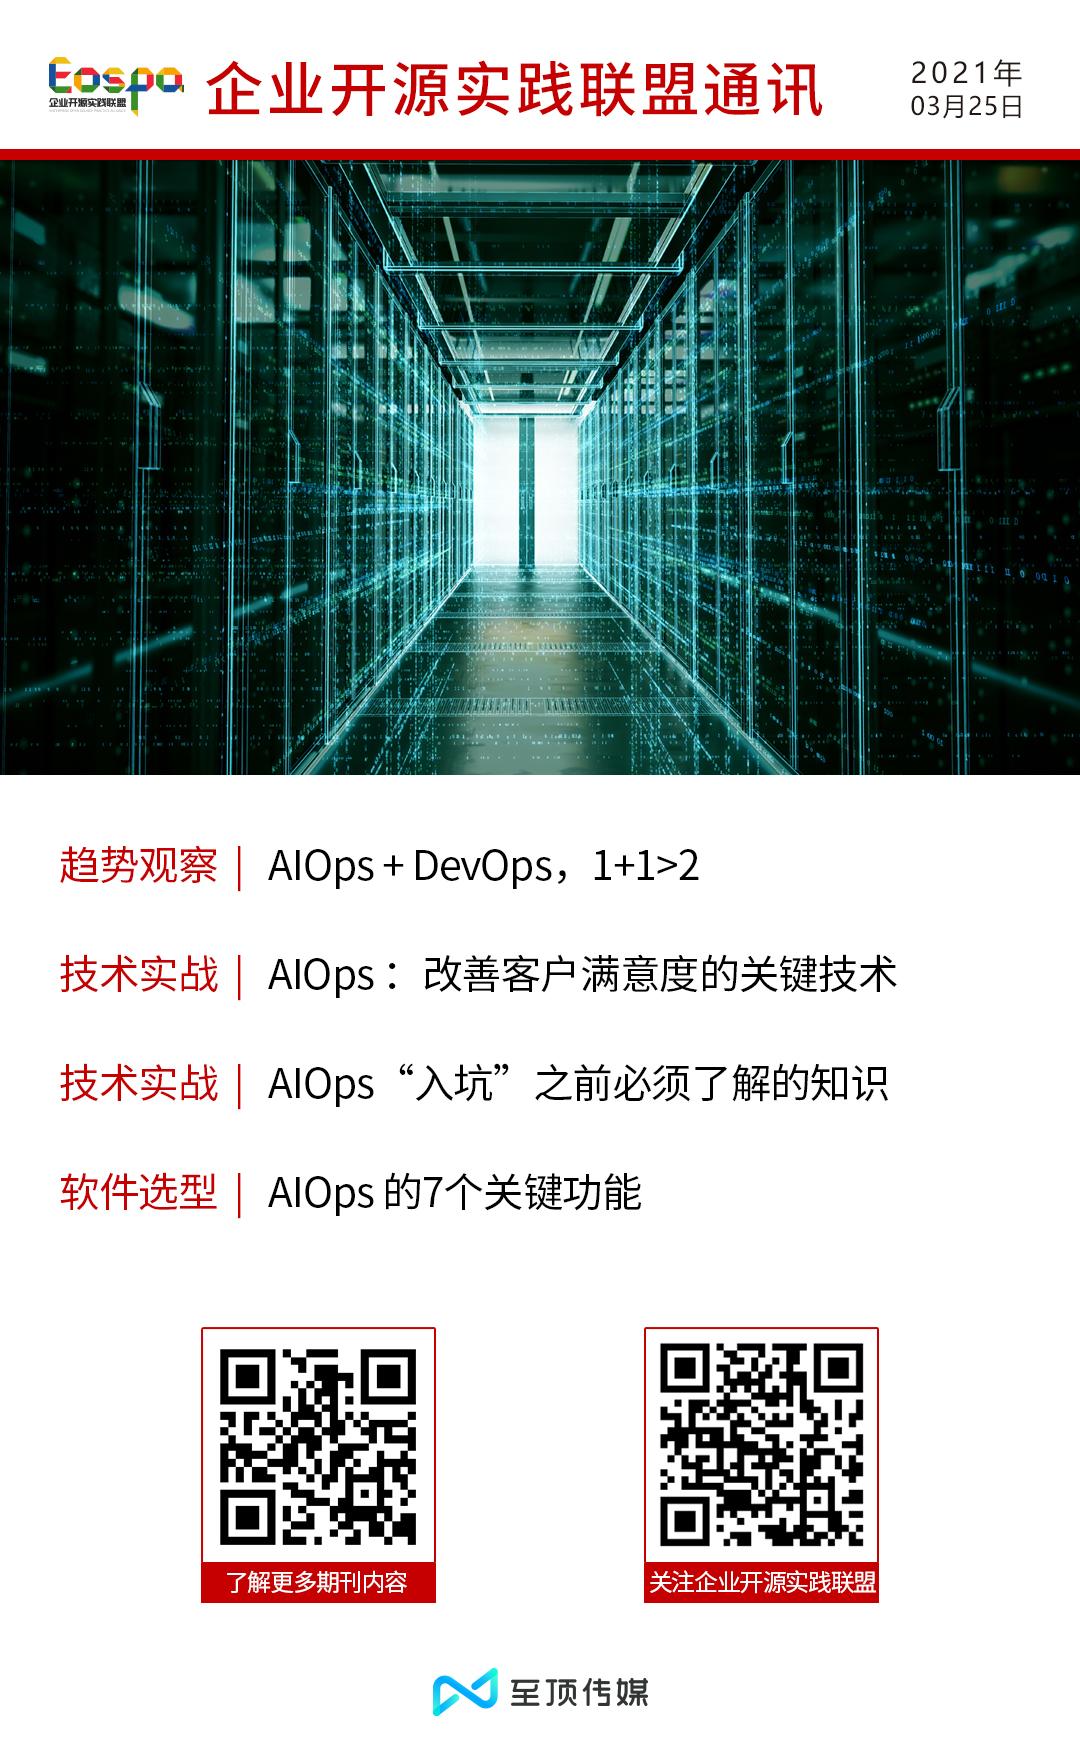 《企业开源实践联盟通讯》第十一期 - 至顶网